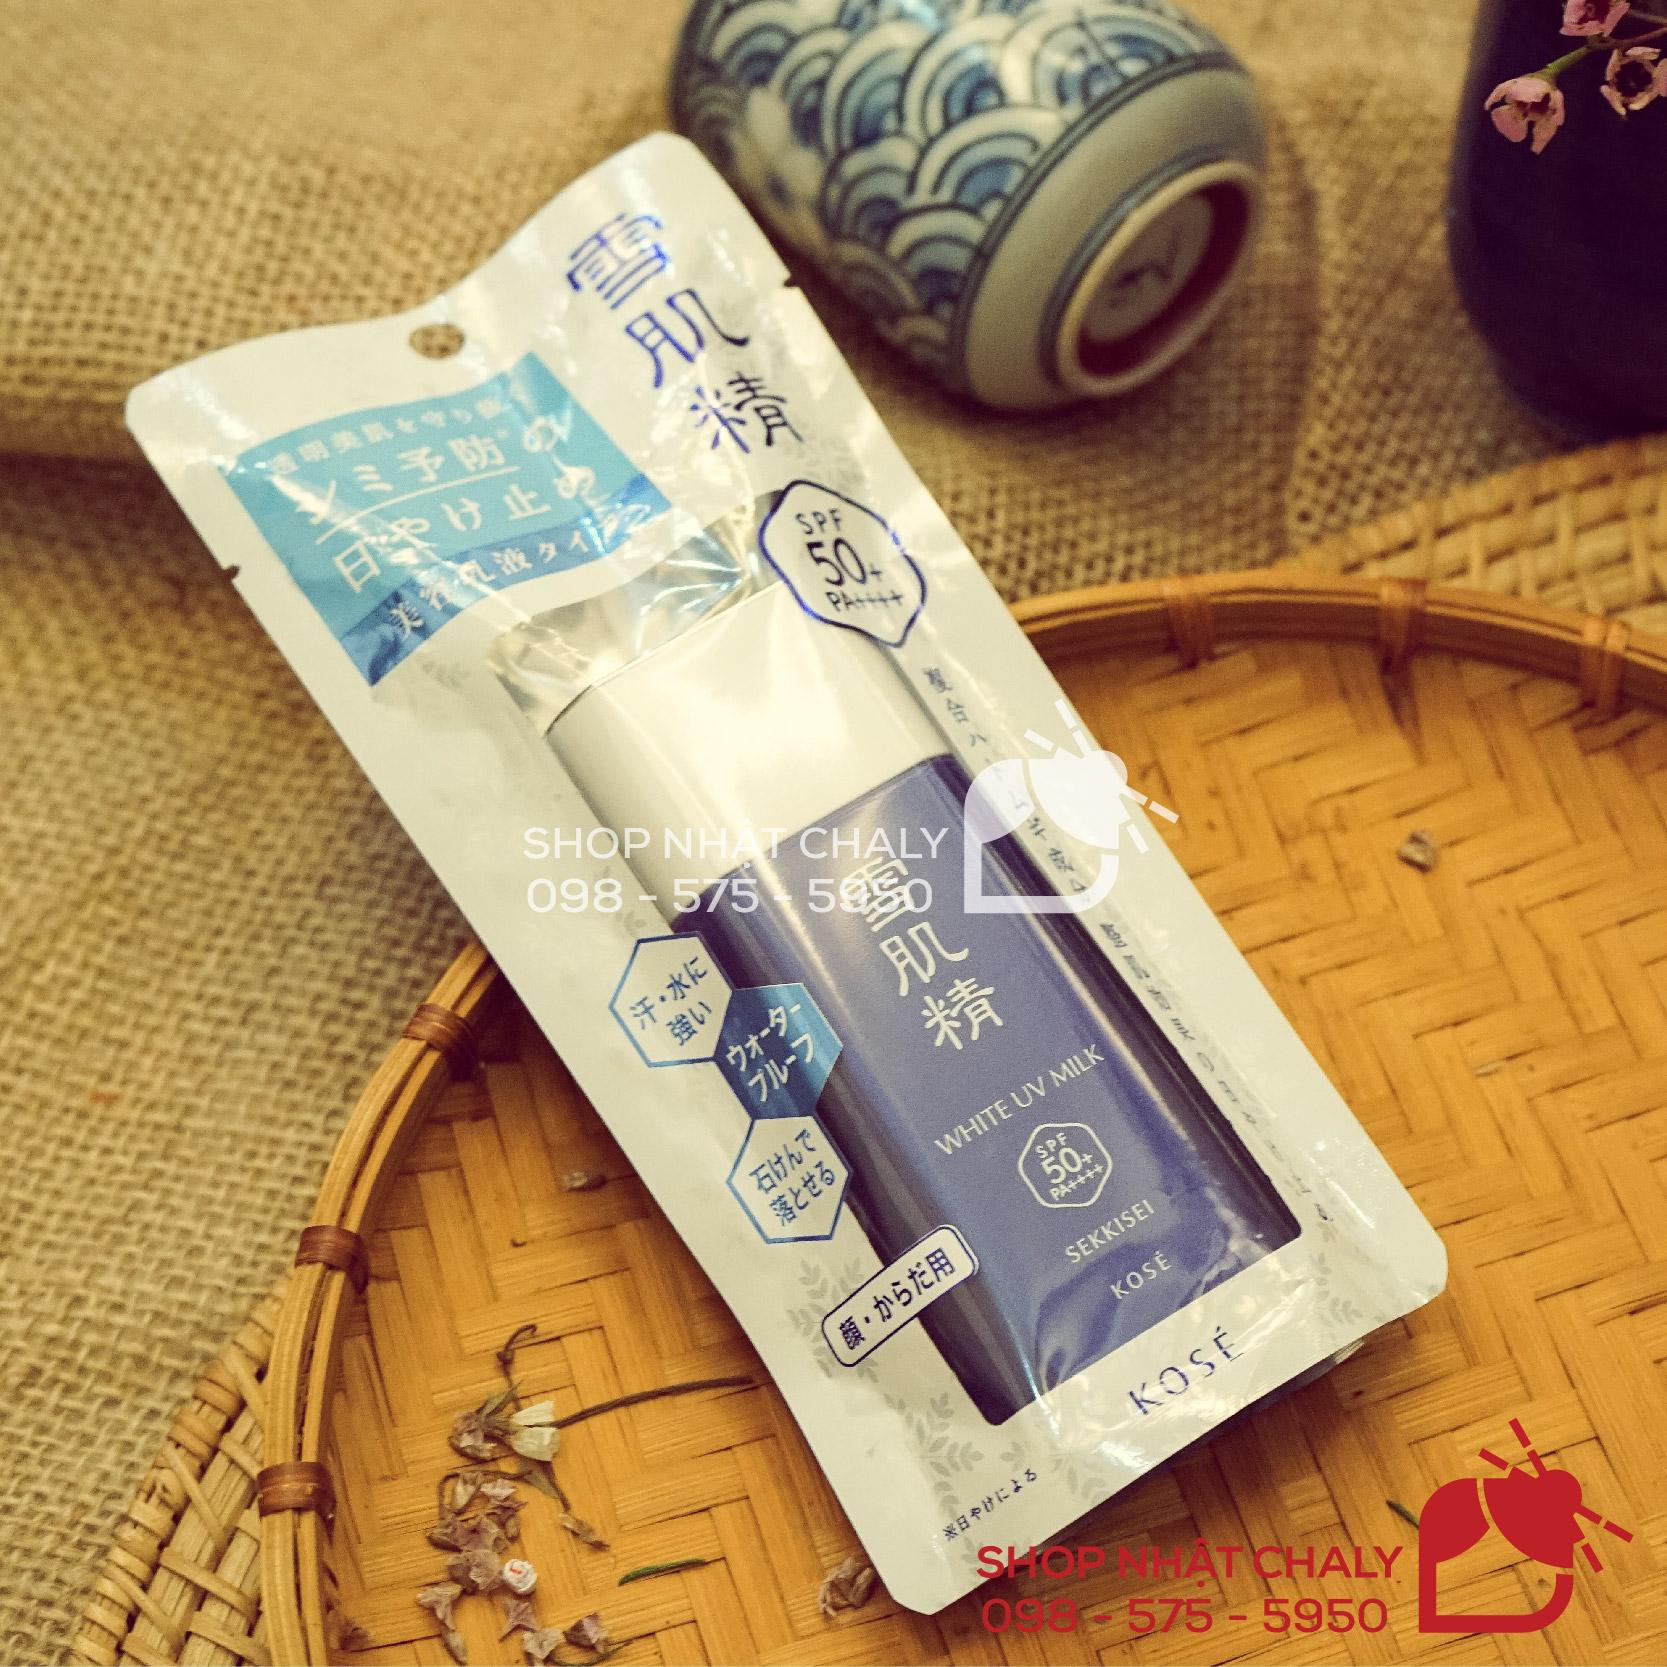 Kem chống nắng Kose xanh sun protect essence milk kose luôn lọt top kem chống nắng bán chạy nhất mỗi mùa hè tại Nhật